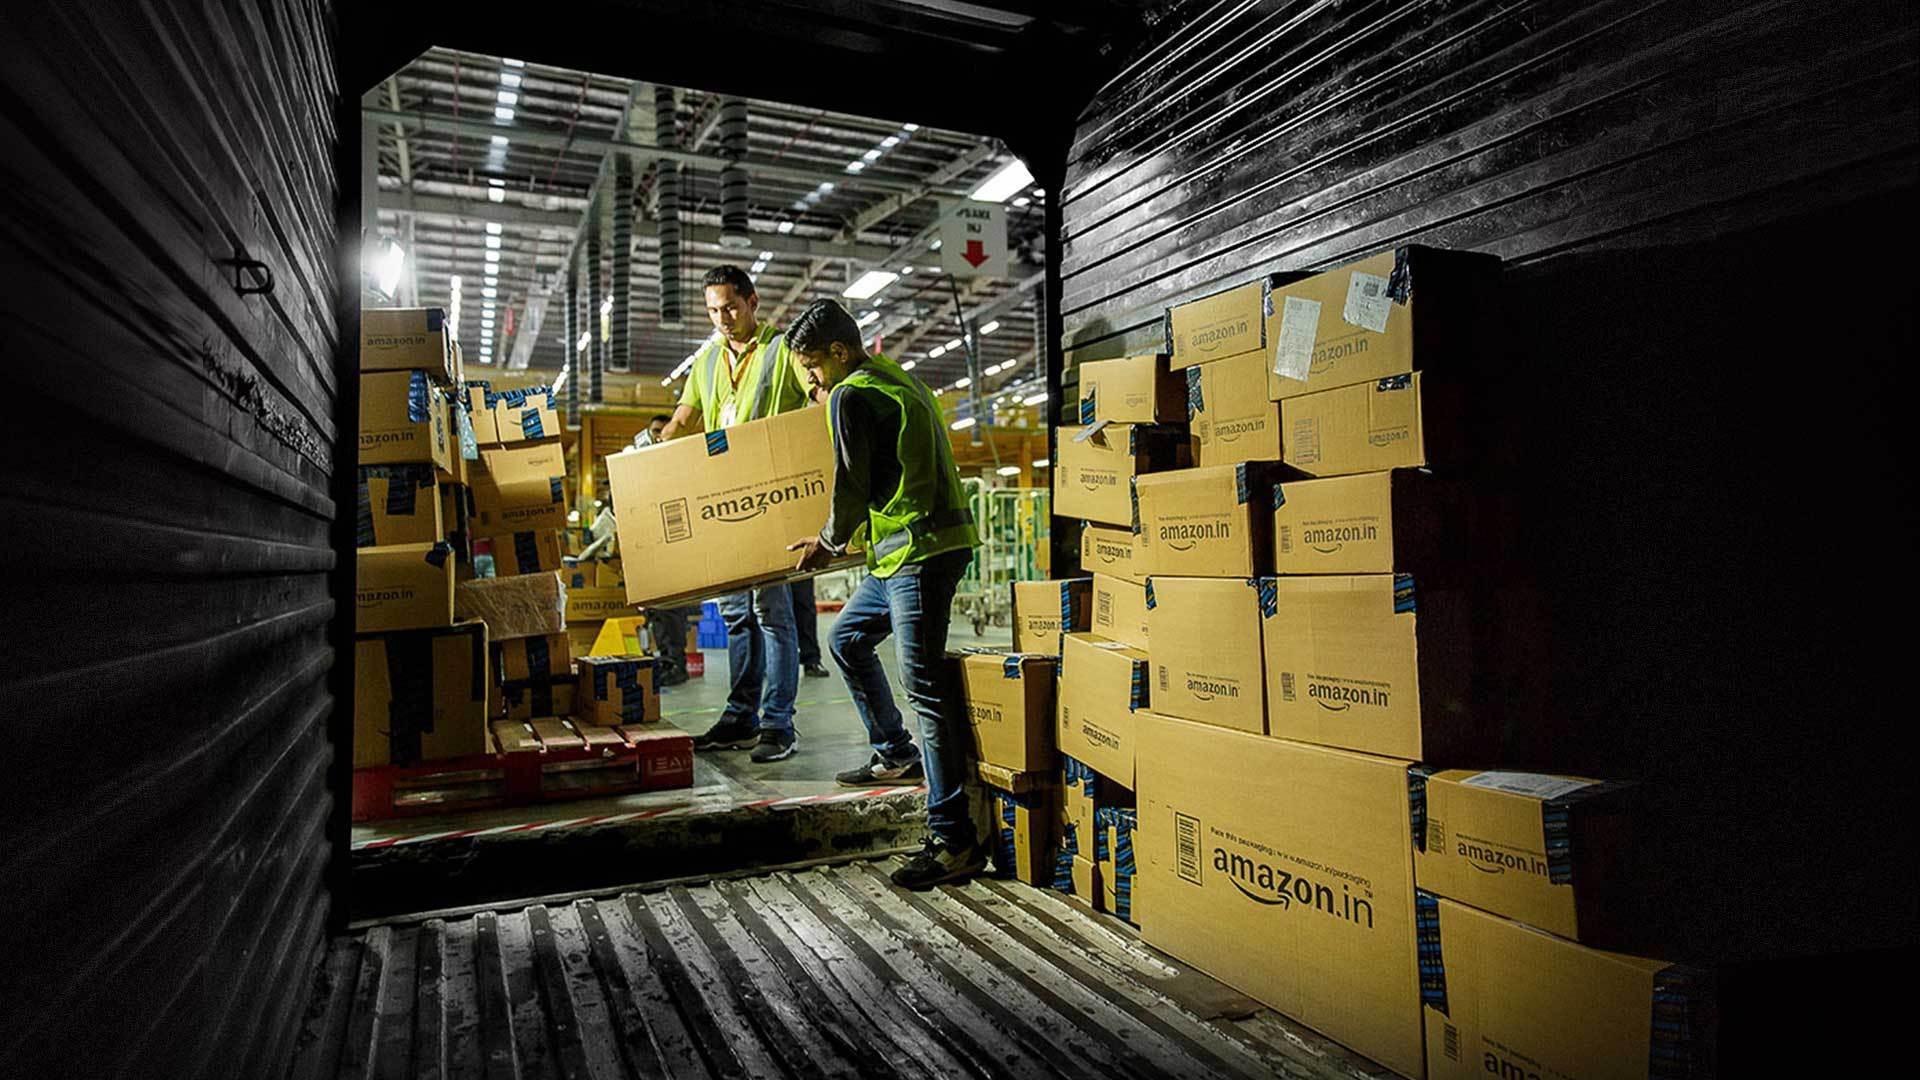 [Magazine] Amazon đổ bộ vào Việt Nam: Thị trường nóng, cơ hội lớn… - Ảnh 2.